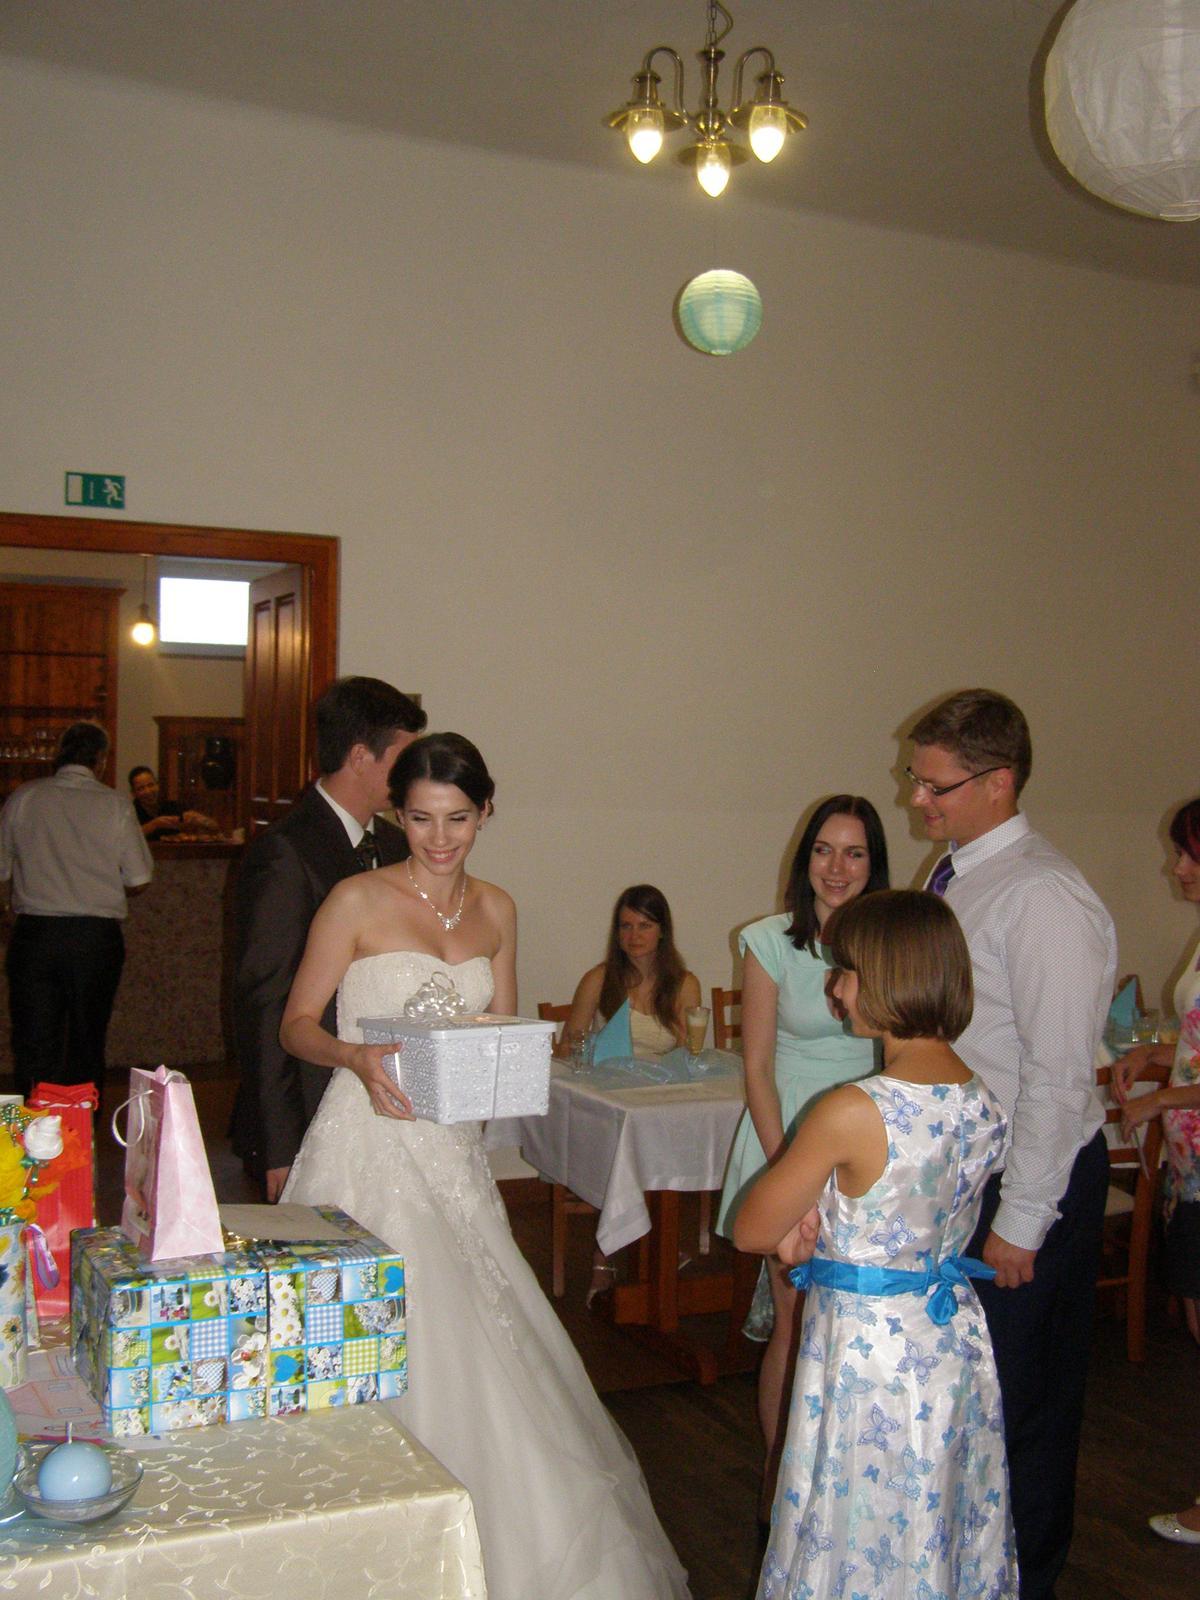 Pivovar Podlesí - svatba 2.9.2016 - ...  předávání svatebních darů.........